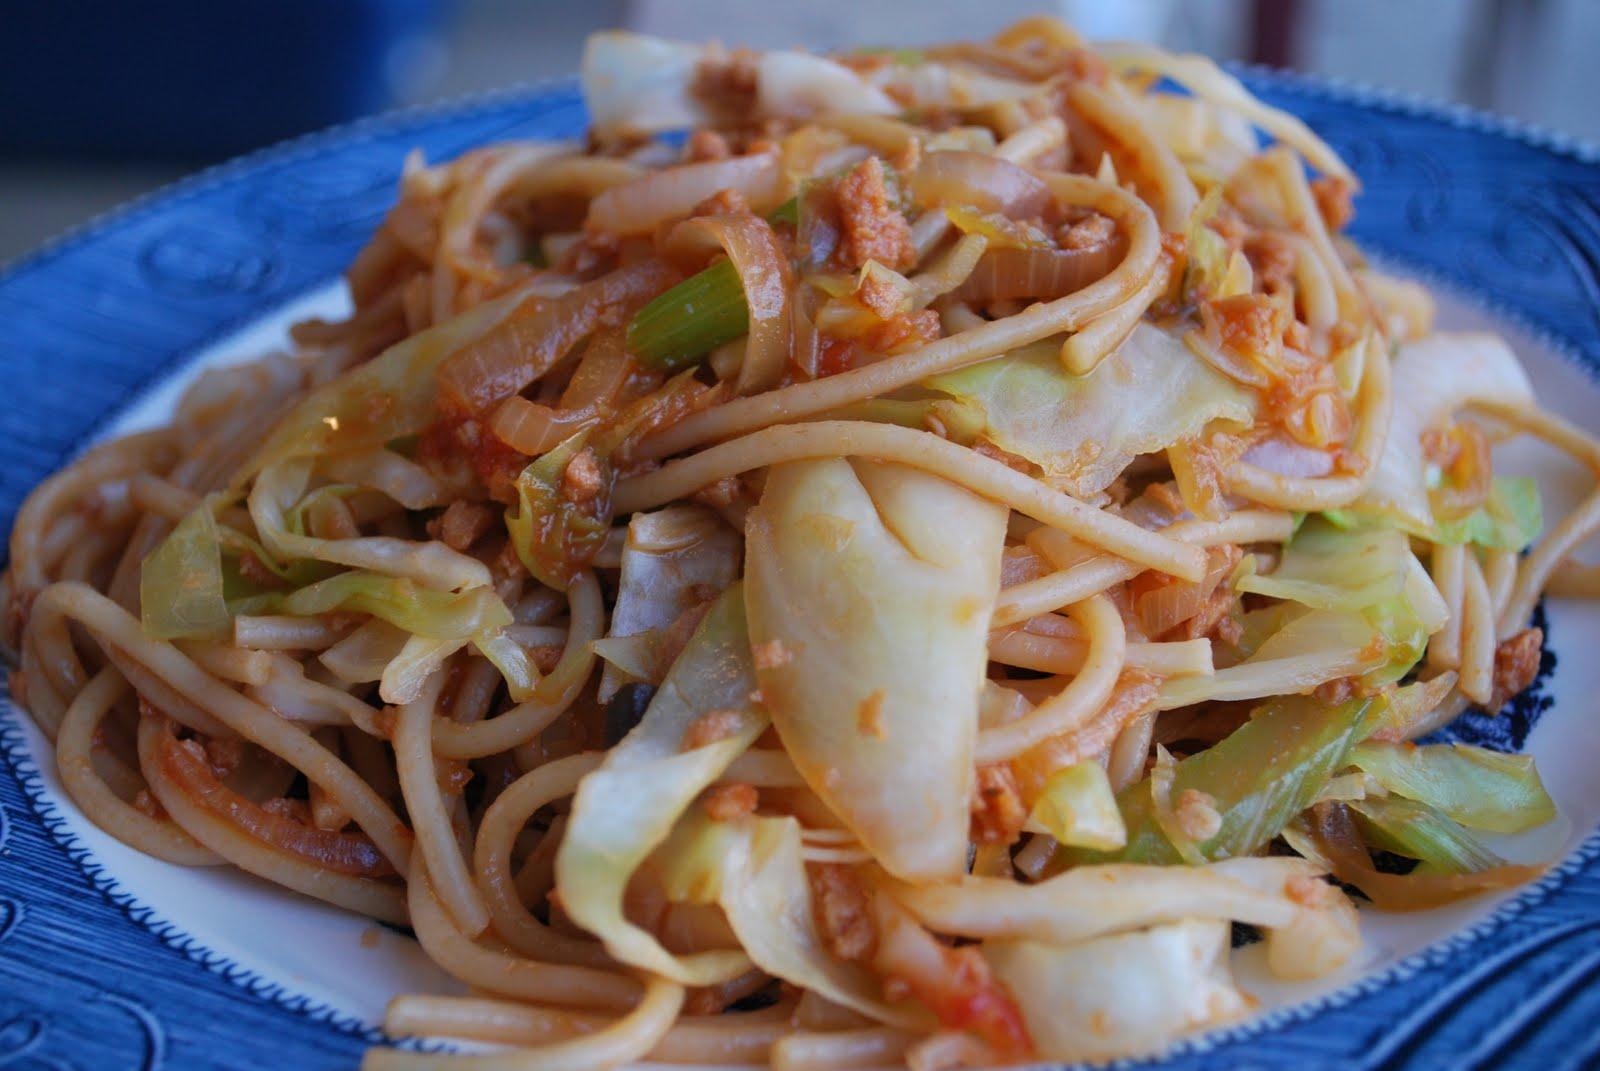 http://2.bp.blogspot.com/_xLflvamFZZg/S71QThtwHlI/AAAAAAAADSY/YBM2tgeCIoo/s1600/Rustic+Pasta.JPG